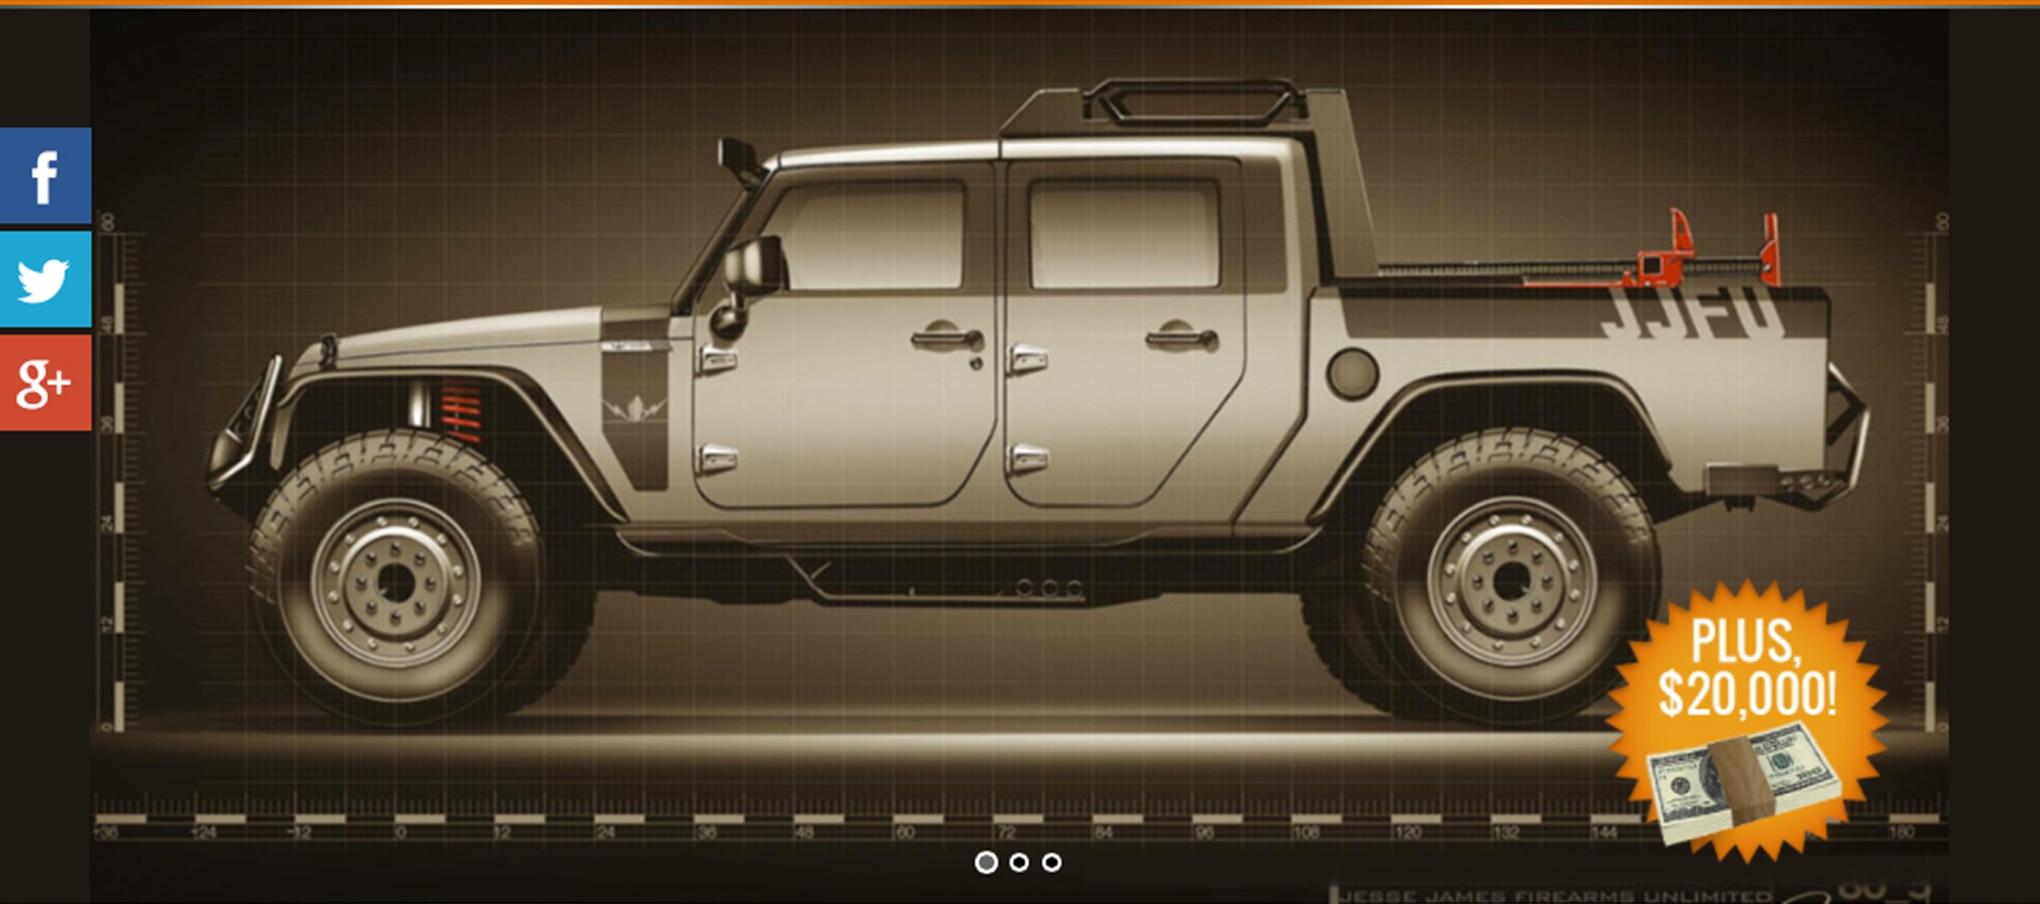 002 auto news jp jeep national rifle association nra raffle sweepstakes jesse james win custom